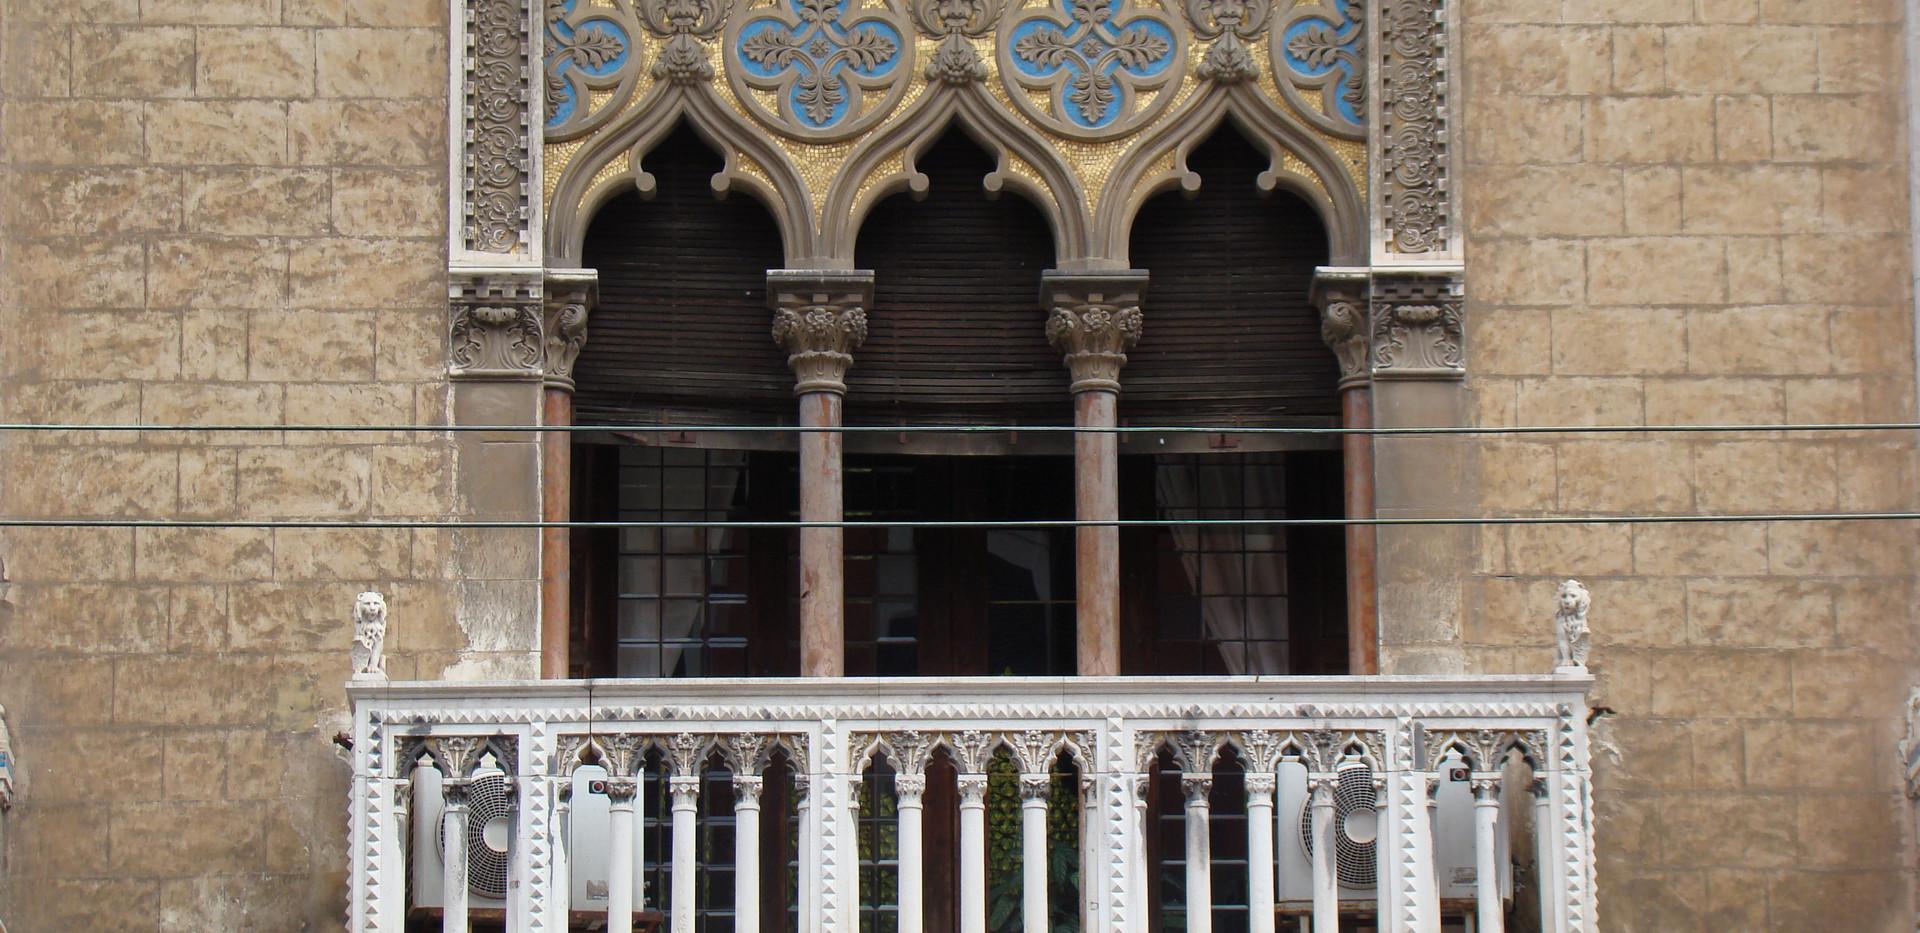 Trifora del balcone sovrastante il portone